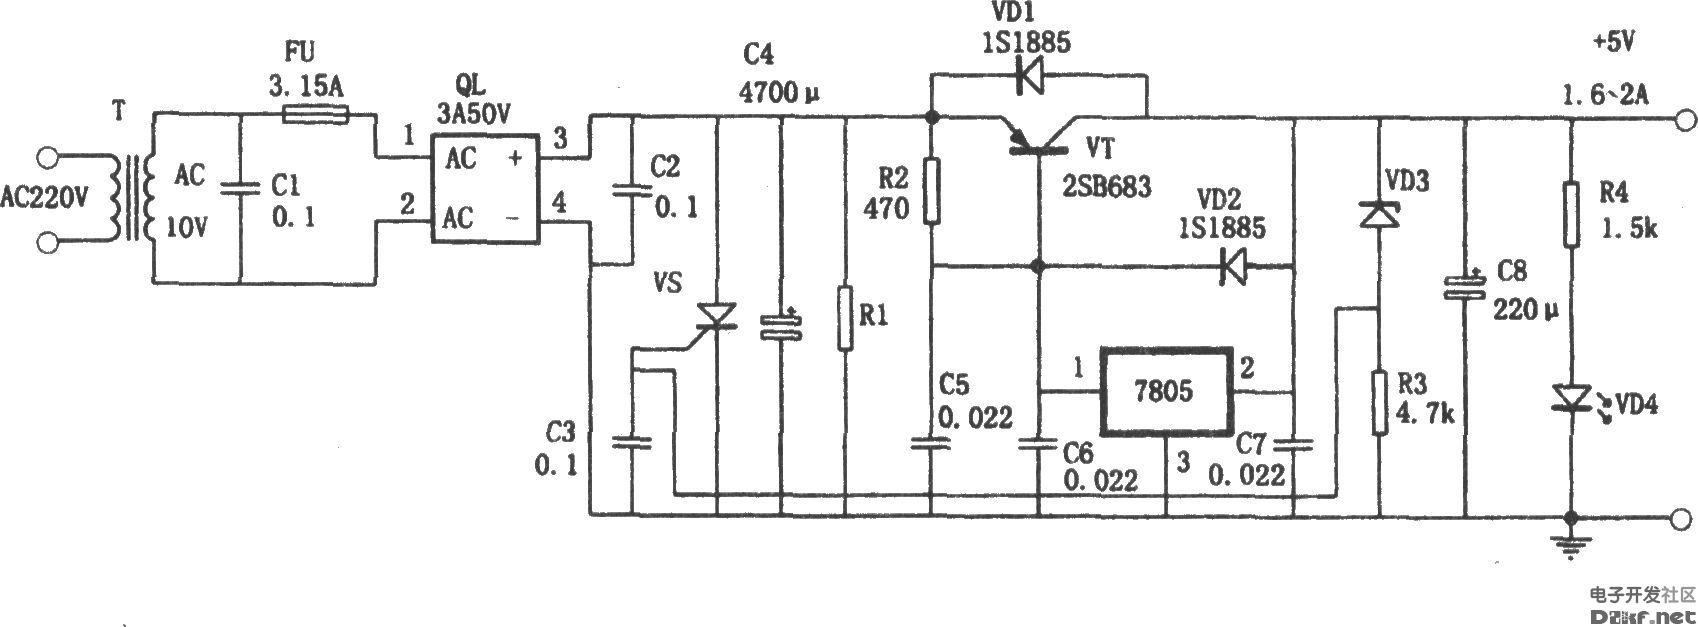 如图所示为一种具有扩流和过压保护功能的 5V稳压电路,它采用在三端稳压器7805(最大电流1.5A)上跨接大功率三极管的方法扩展电流,使本电源的输出电流可达到2.5A左右。同时用5.6V稳压管、VD3、R3和Vs(可控硅)组成过压保护电路。由于某种原因电源的输出电压达到或超过5.6V(VD3的稳压值)时,VD3将被击穿导通,可控硅Vs得到触发电压而导通,造成FU保险丝快速熔断。从而保护了负载。本电源可作为实验电源。